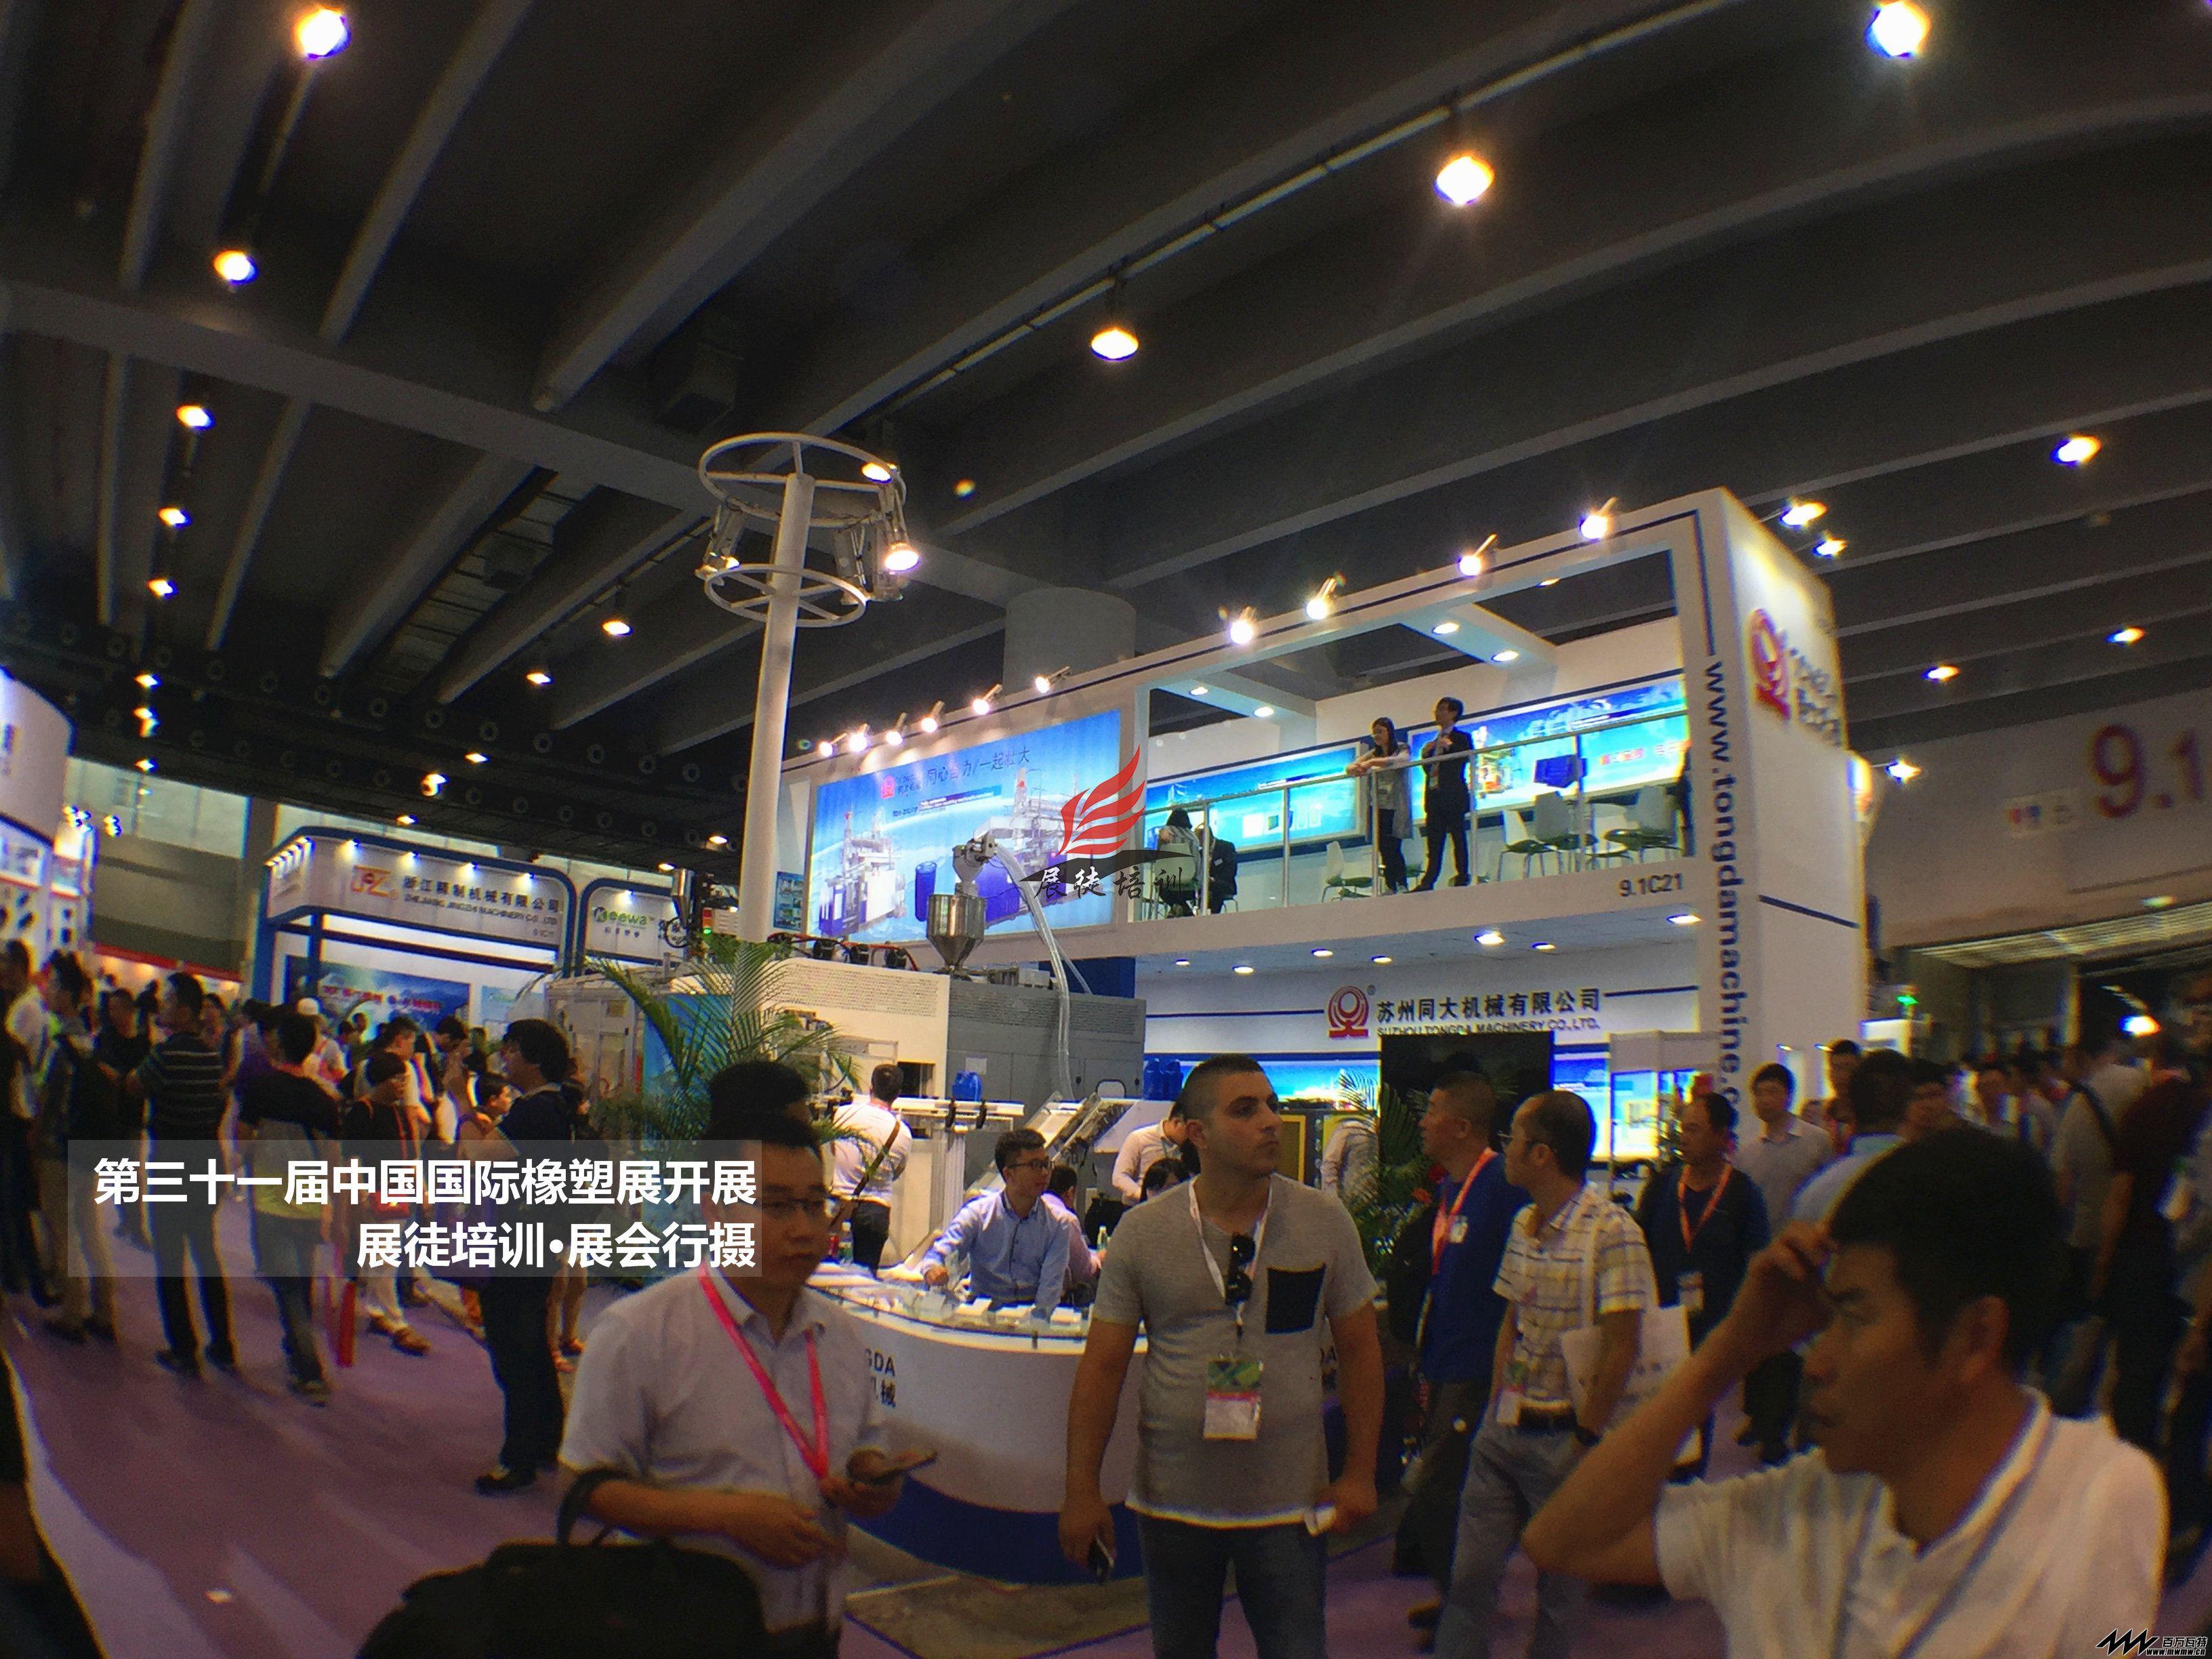 2017第三十一届中国国际橡塑展·展徒培训·展会行摄 (19) - 副本.JPG